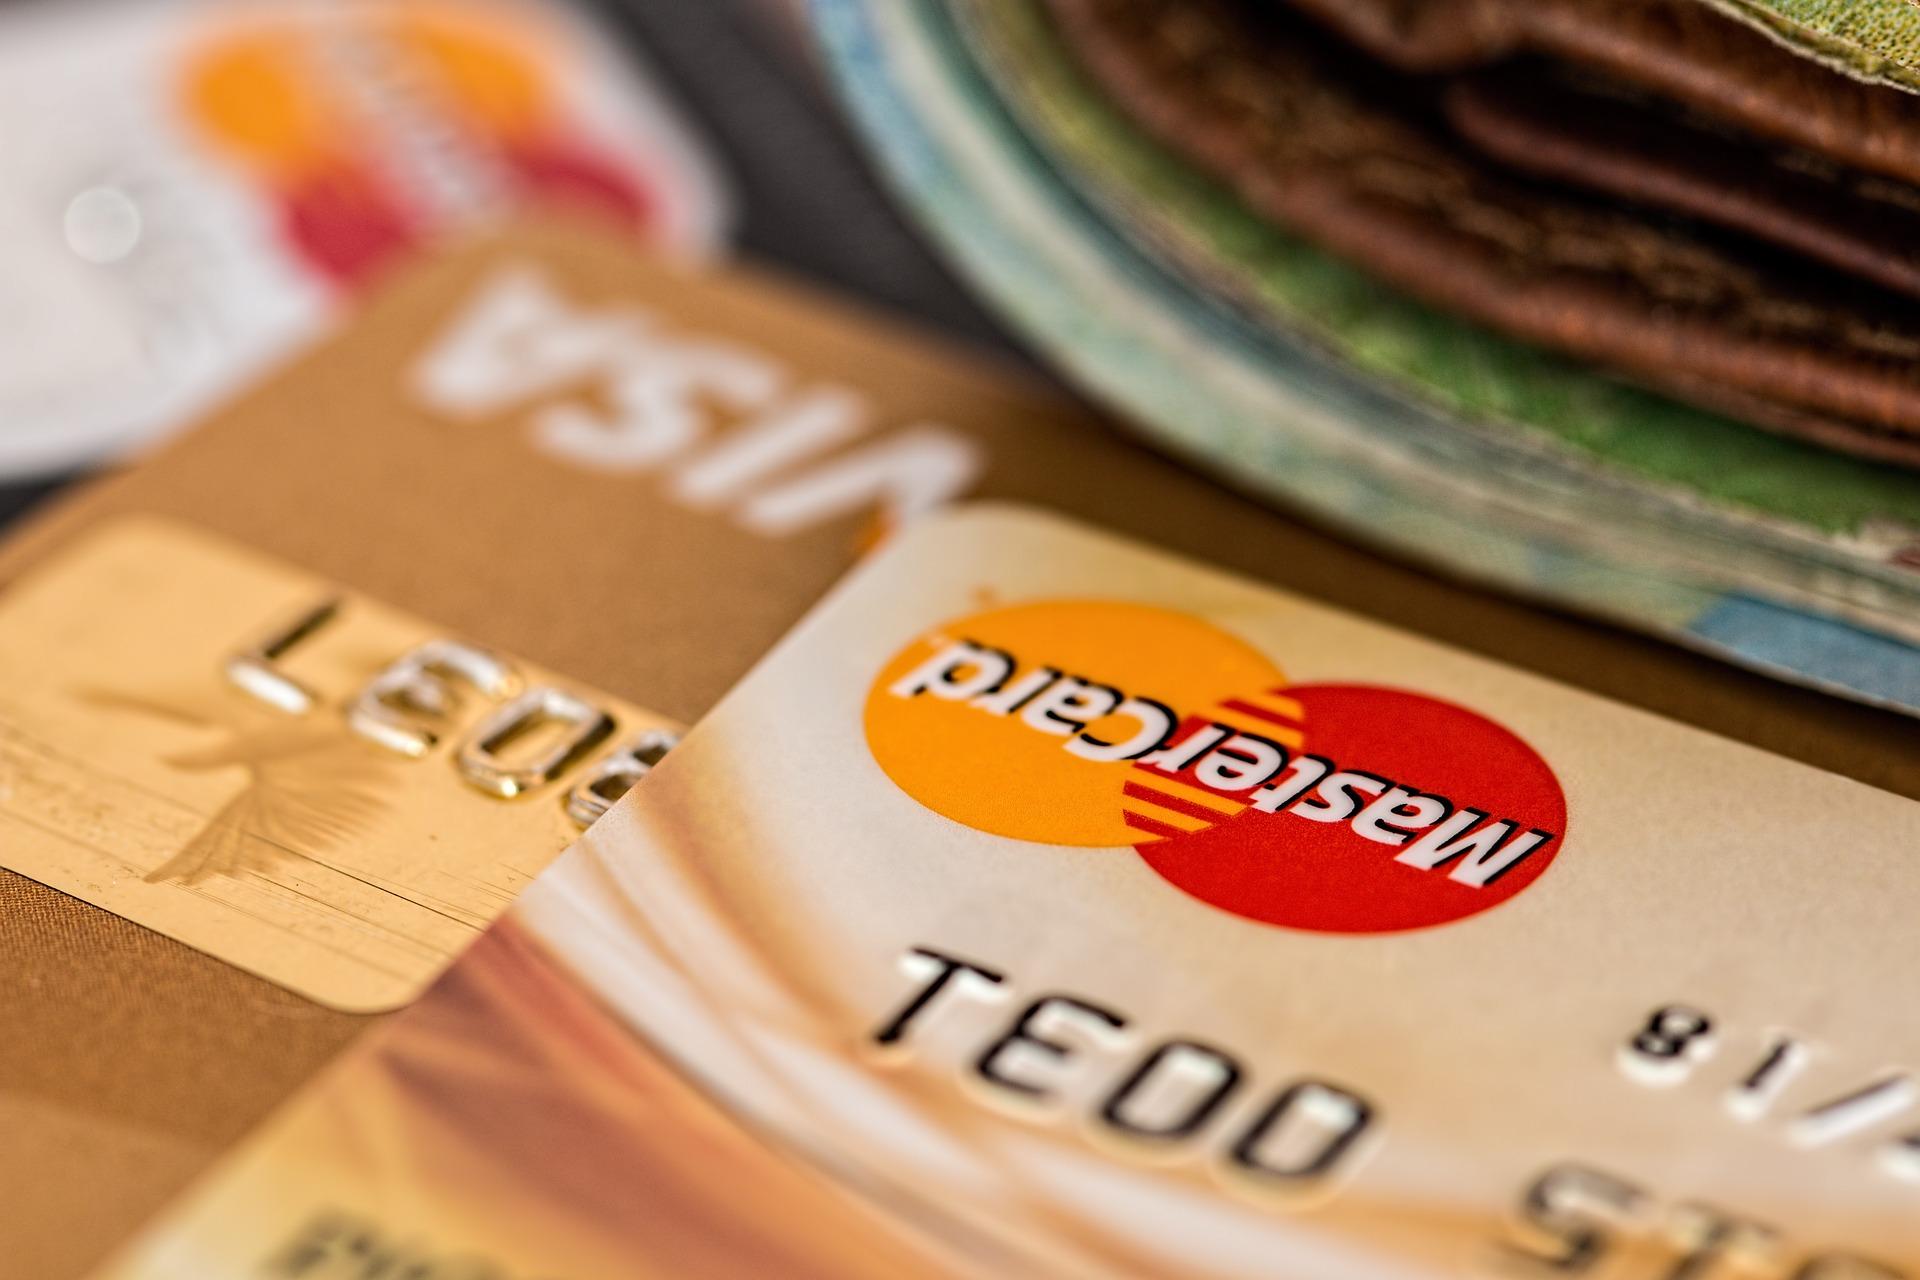 Co zrobić, żeby dostać kredyt gotówkowy?